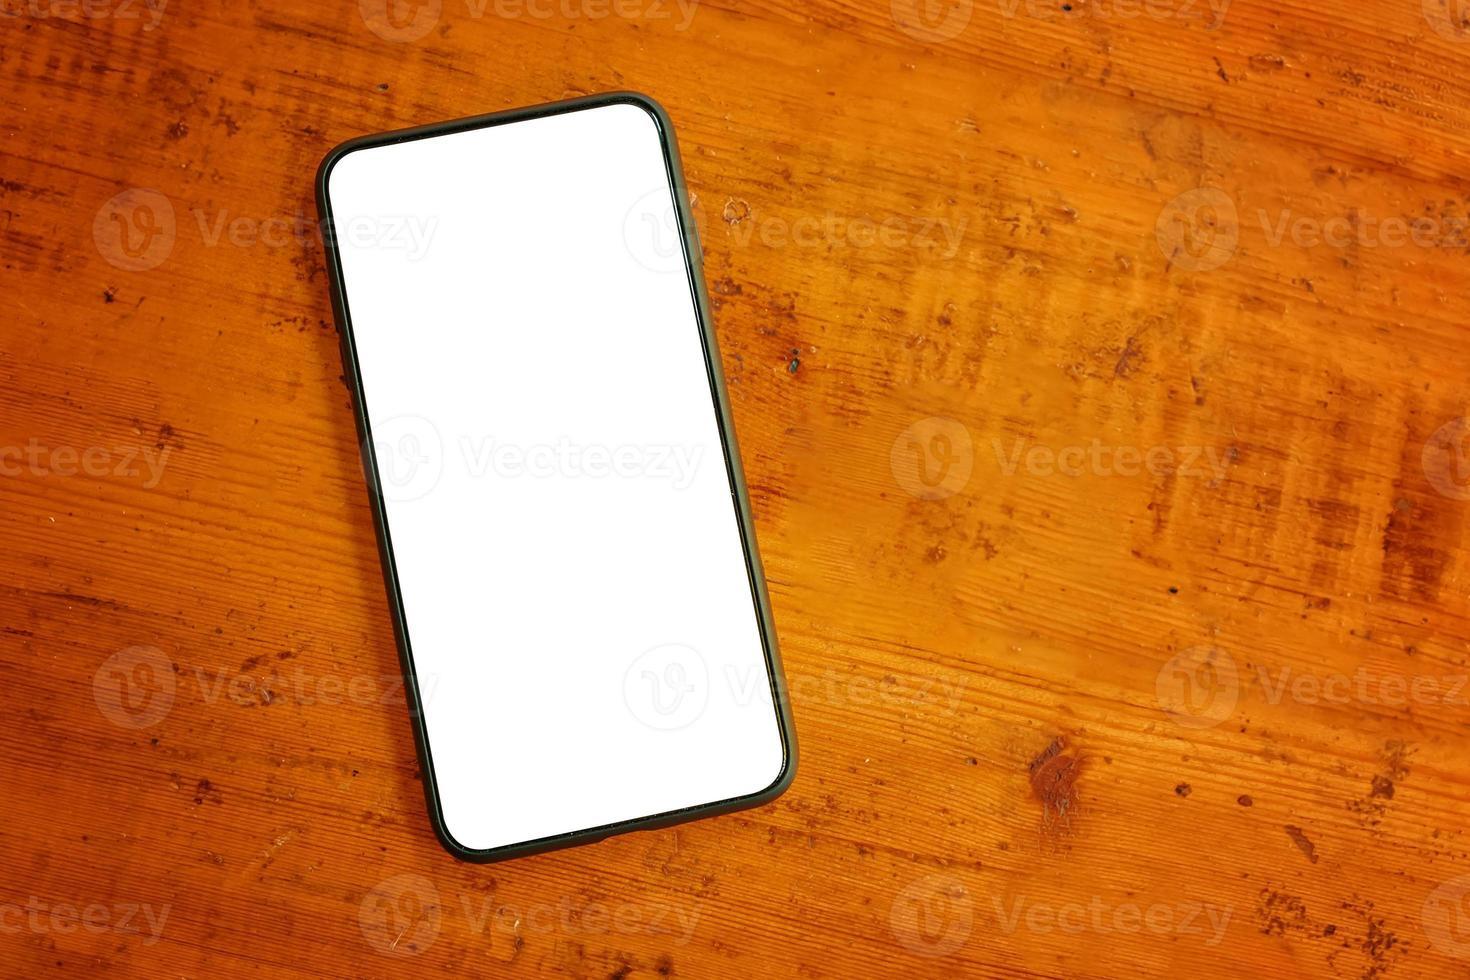 Mise à plat du téléphone mobile sur la table en bois photo